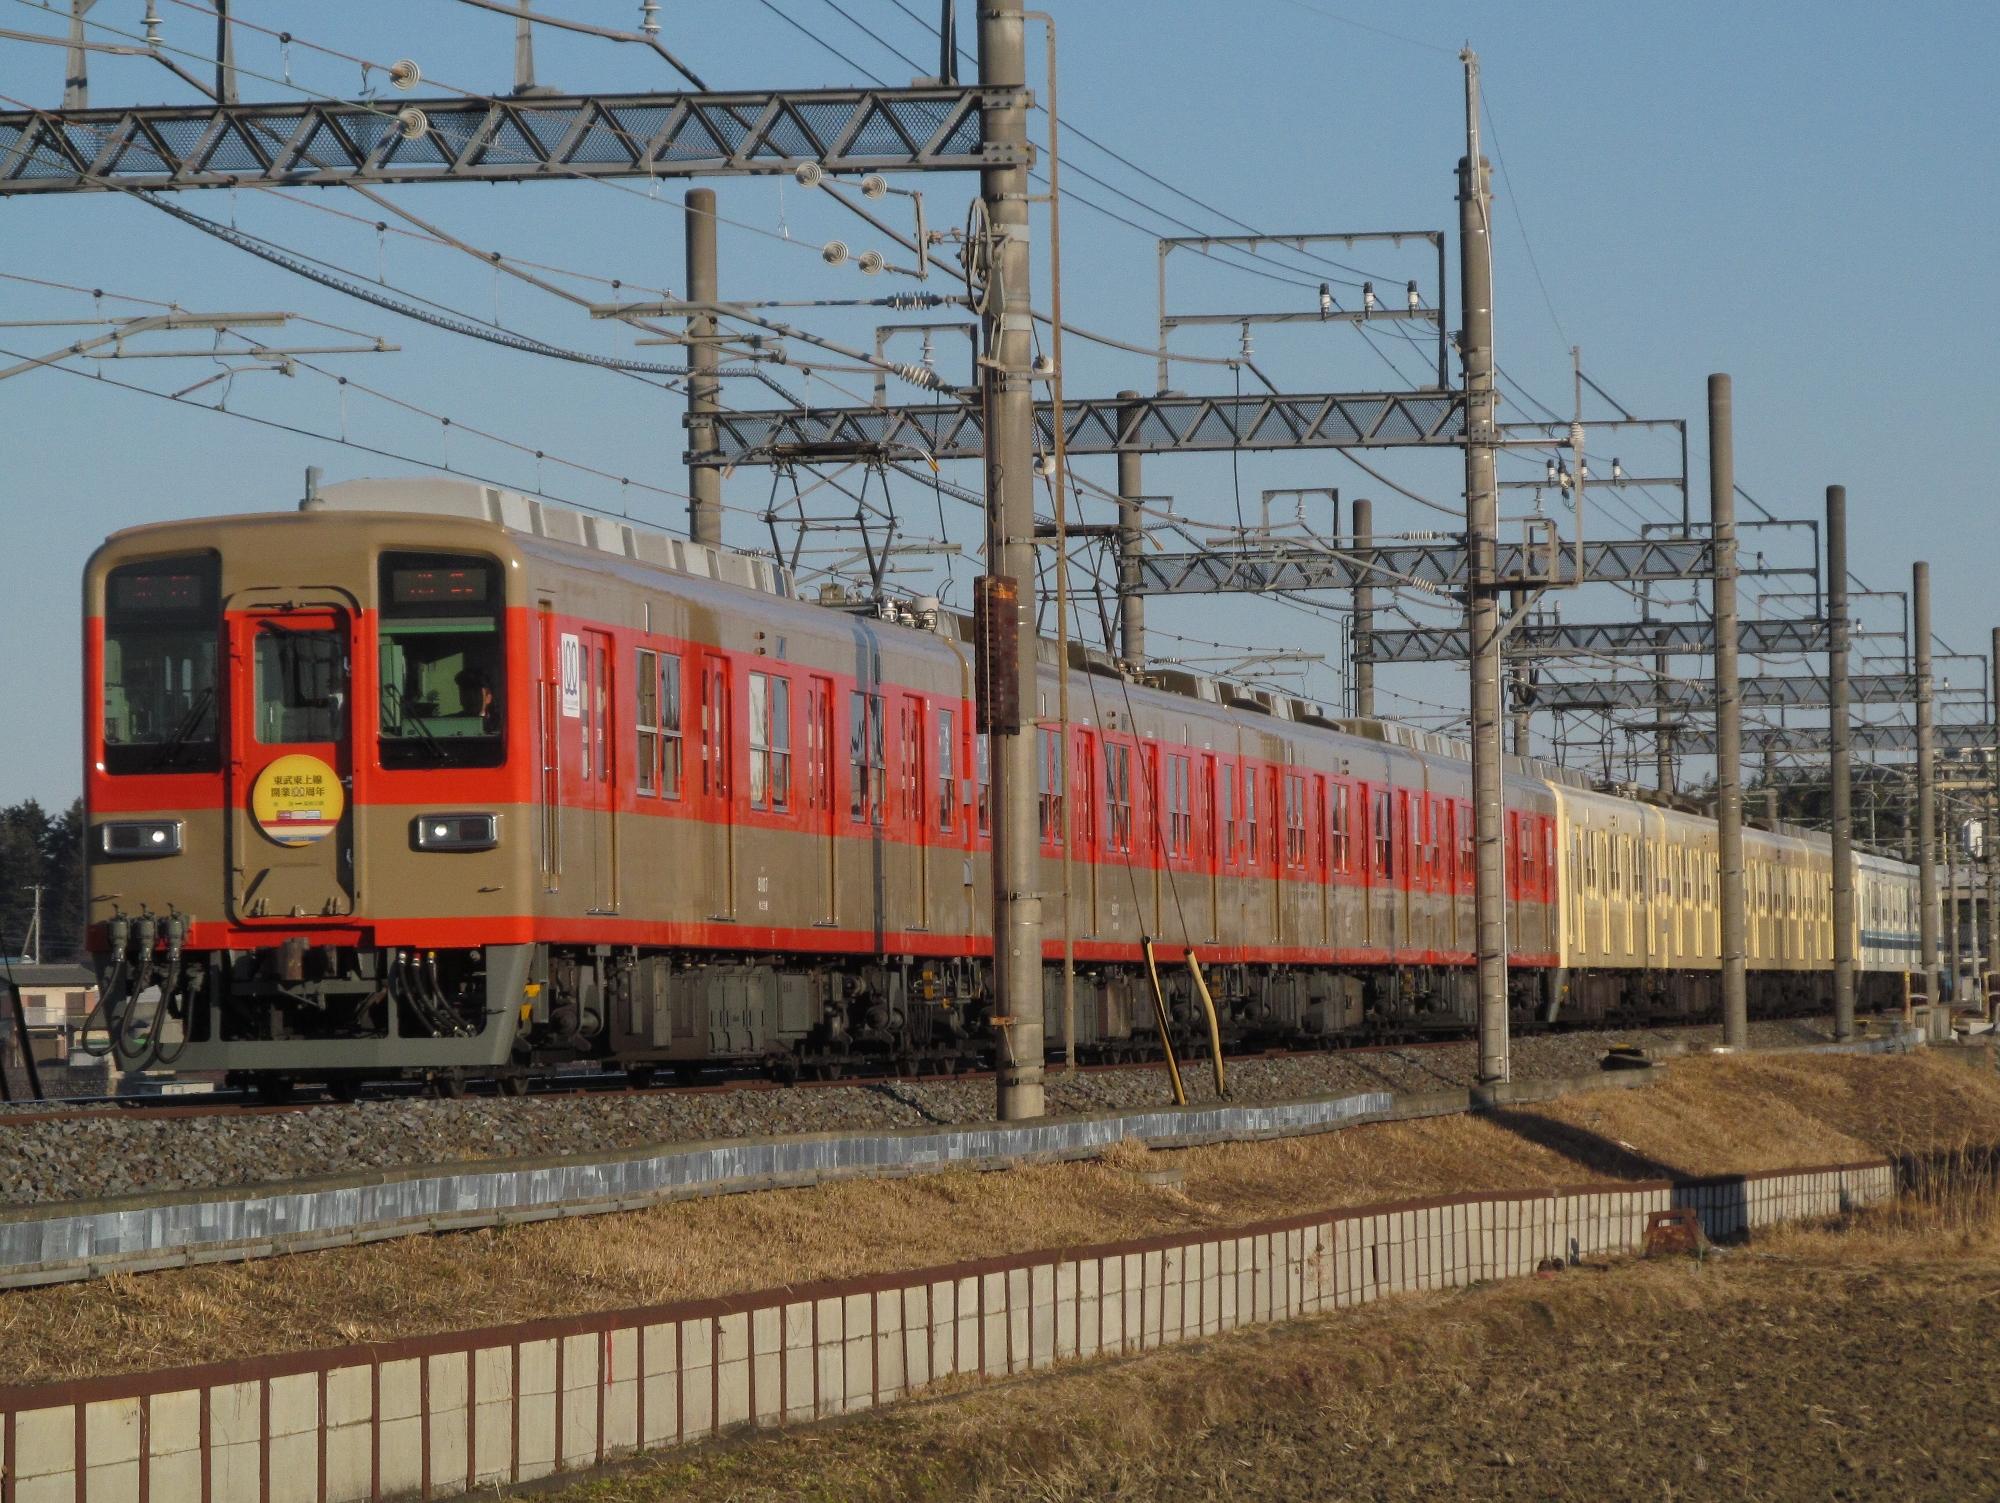 8000系 リバイバル塗装ツートンカラー (2000x1503)